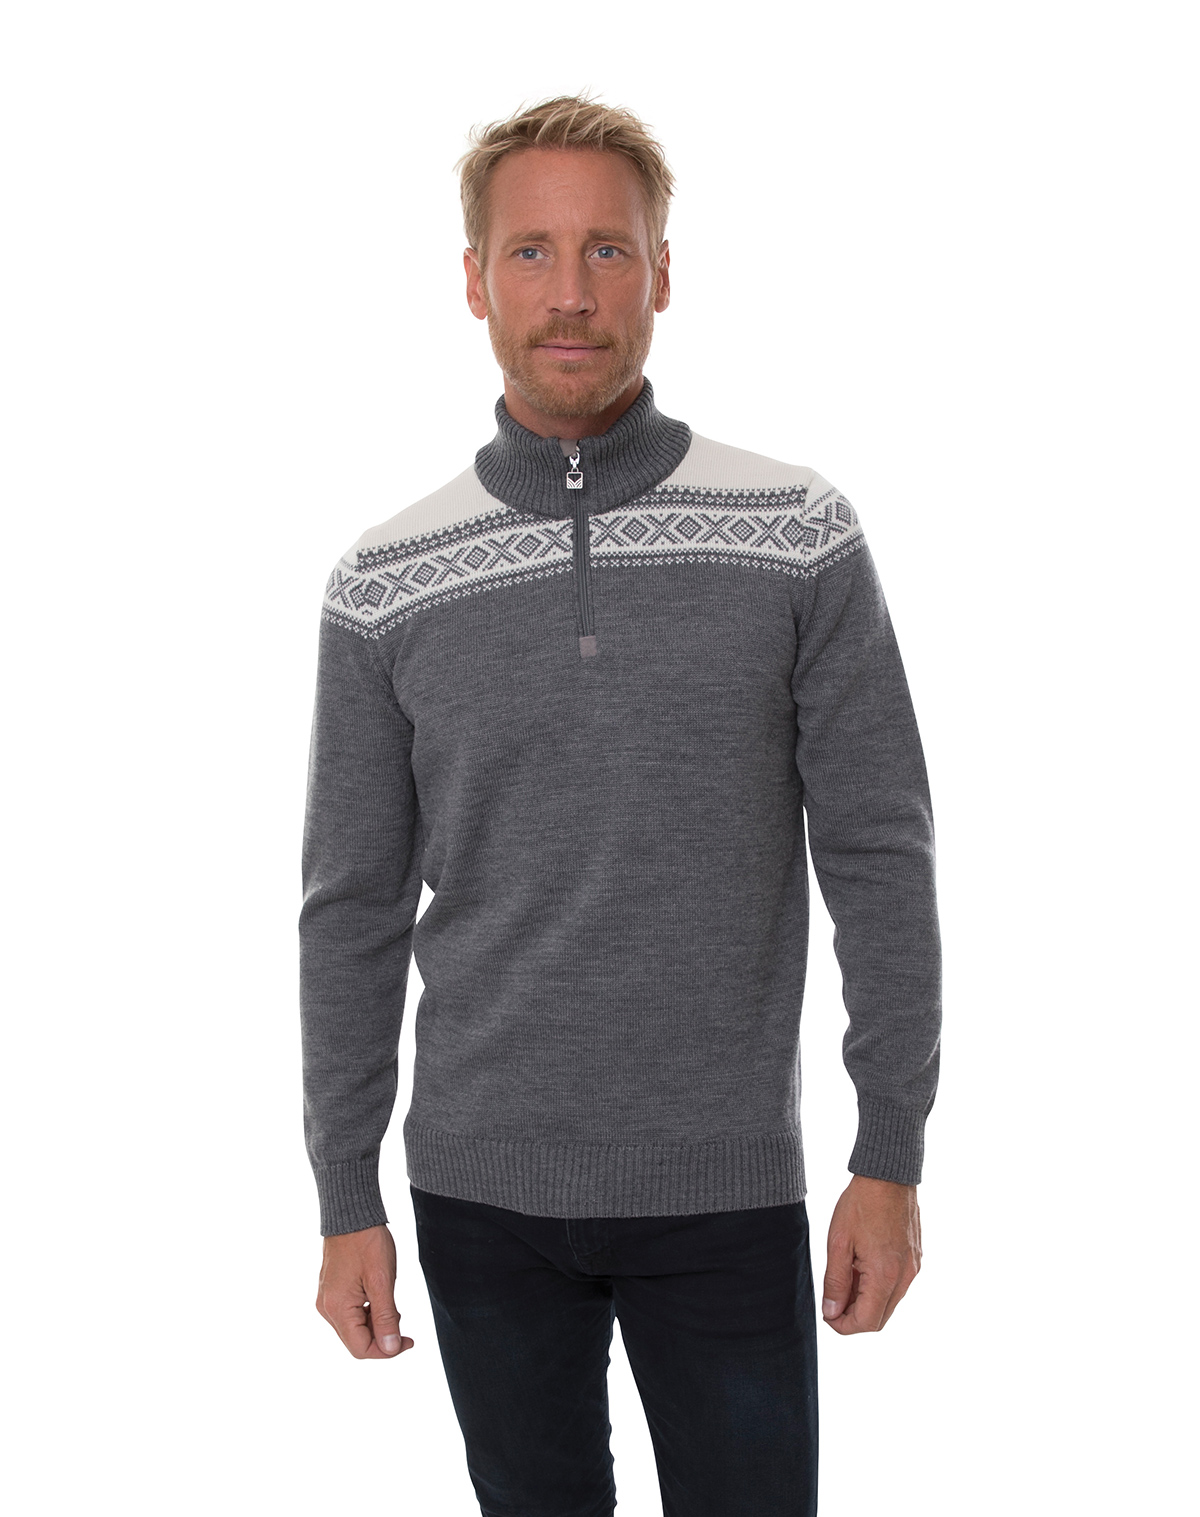 Cortina Merino Masculine Sweater